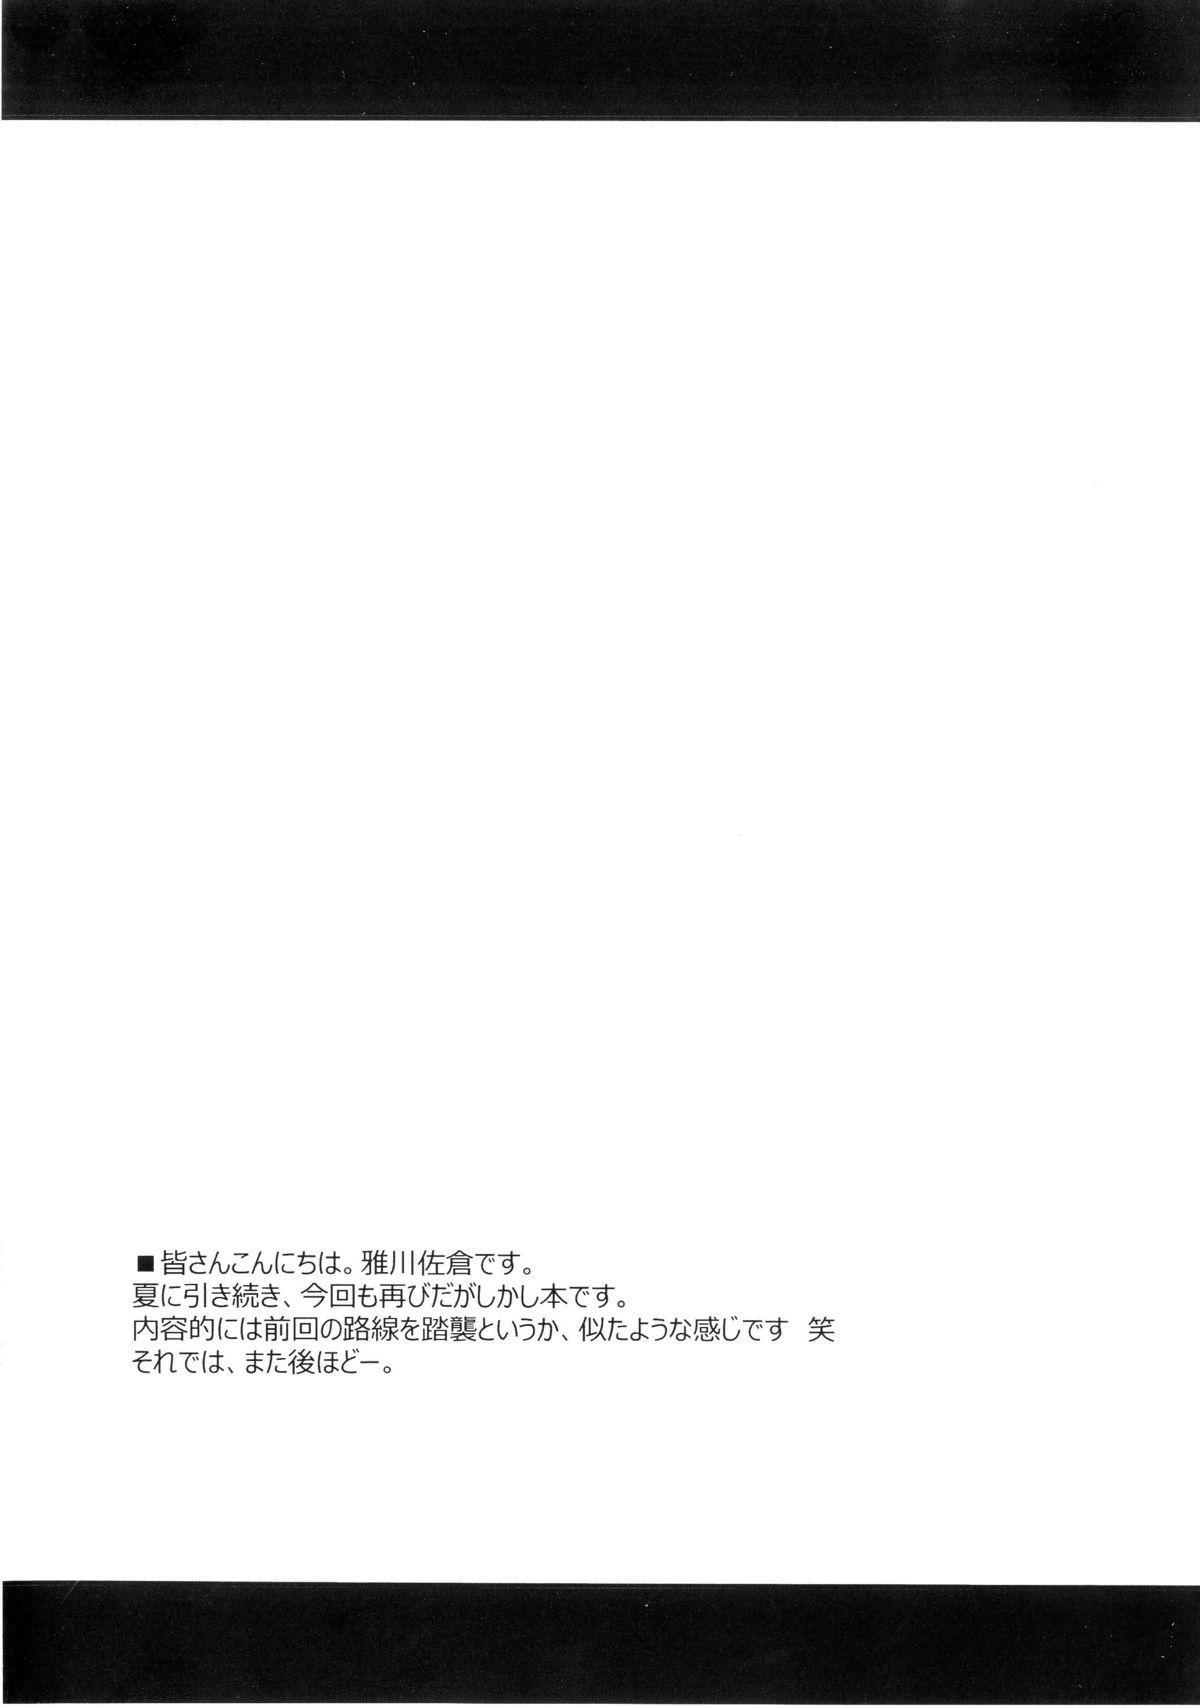 Hotaru-shiki Drops 3